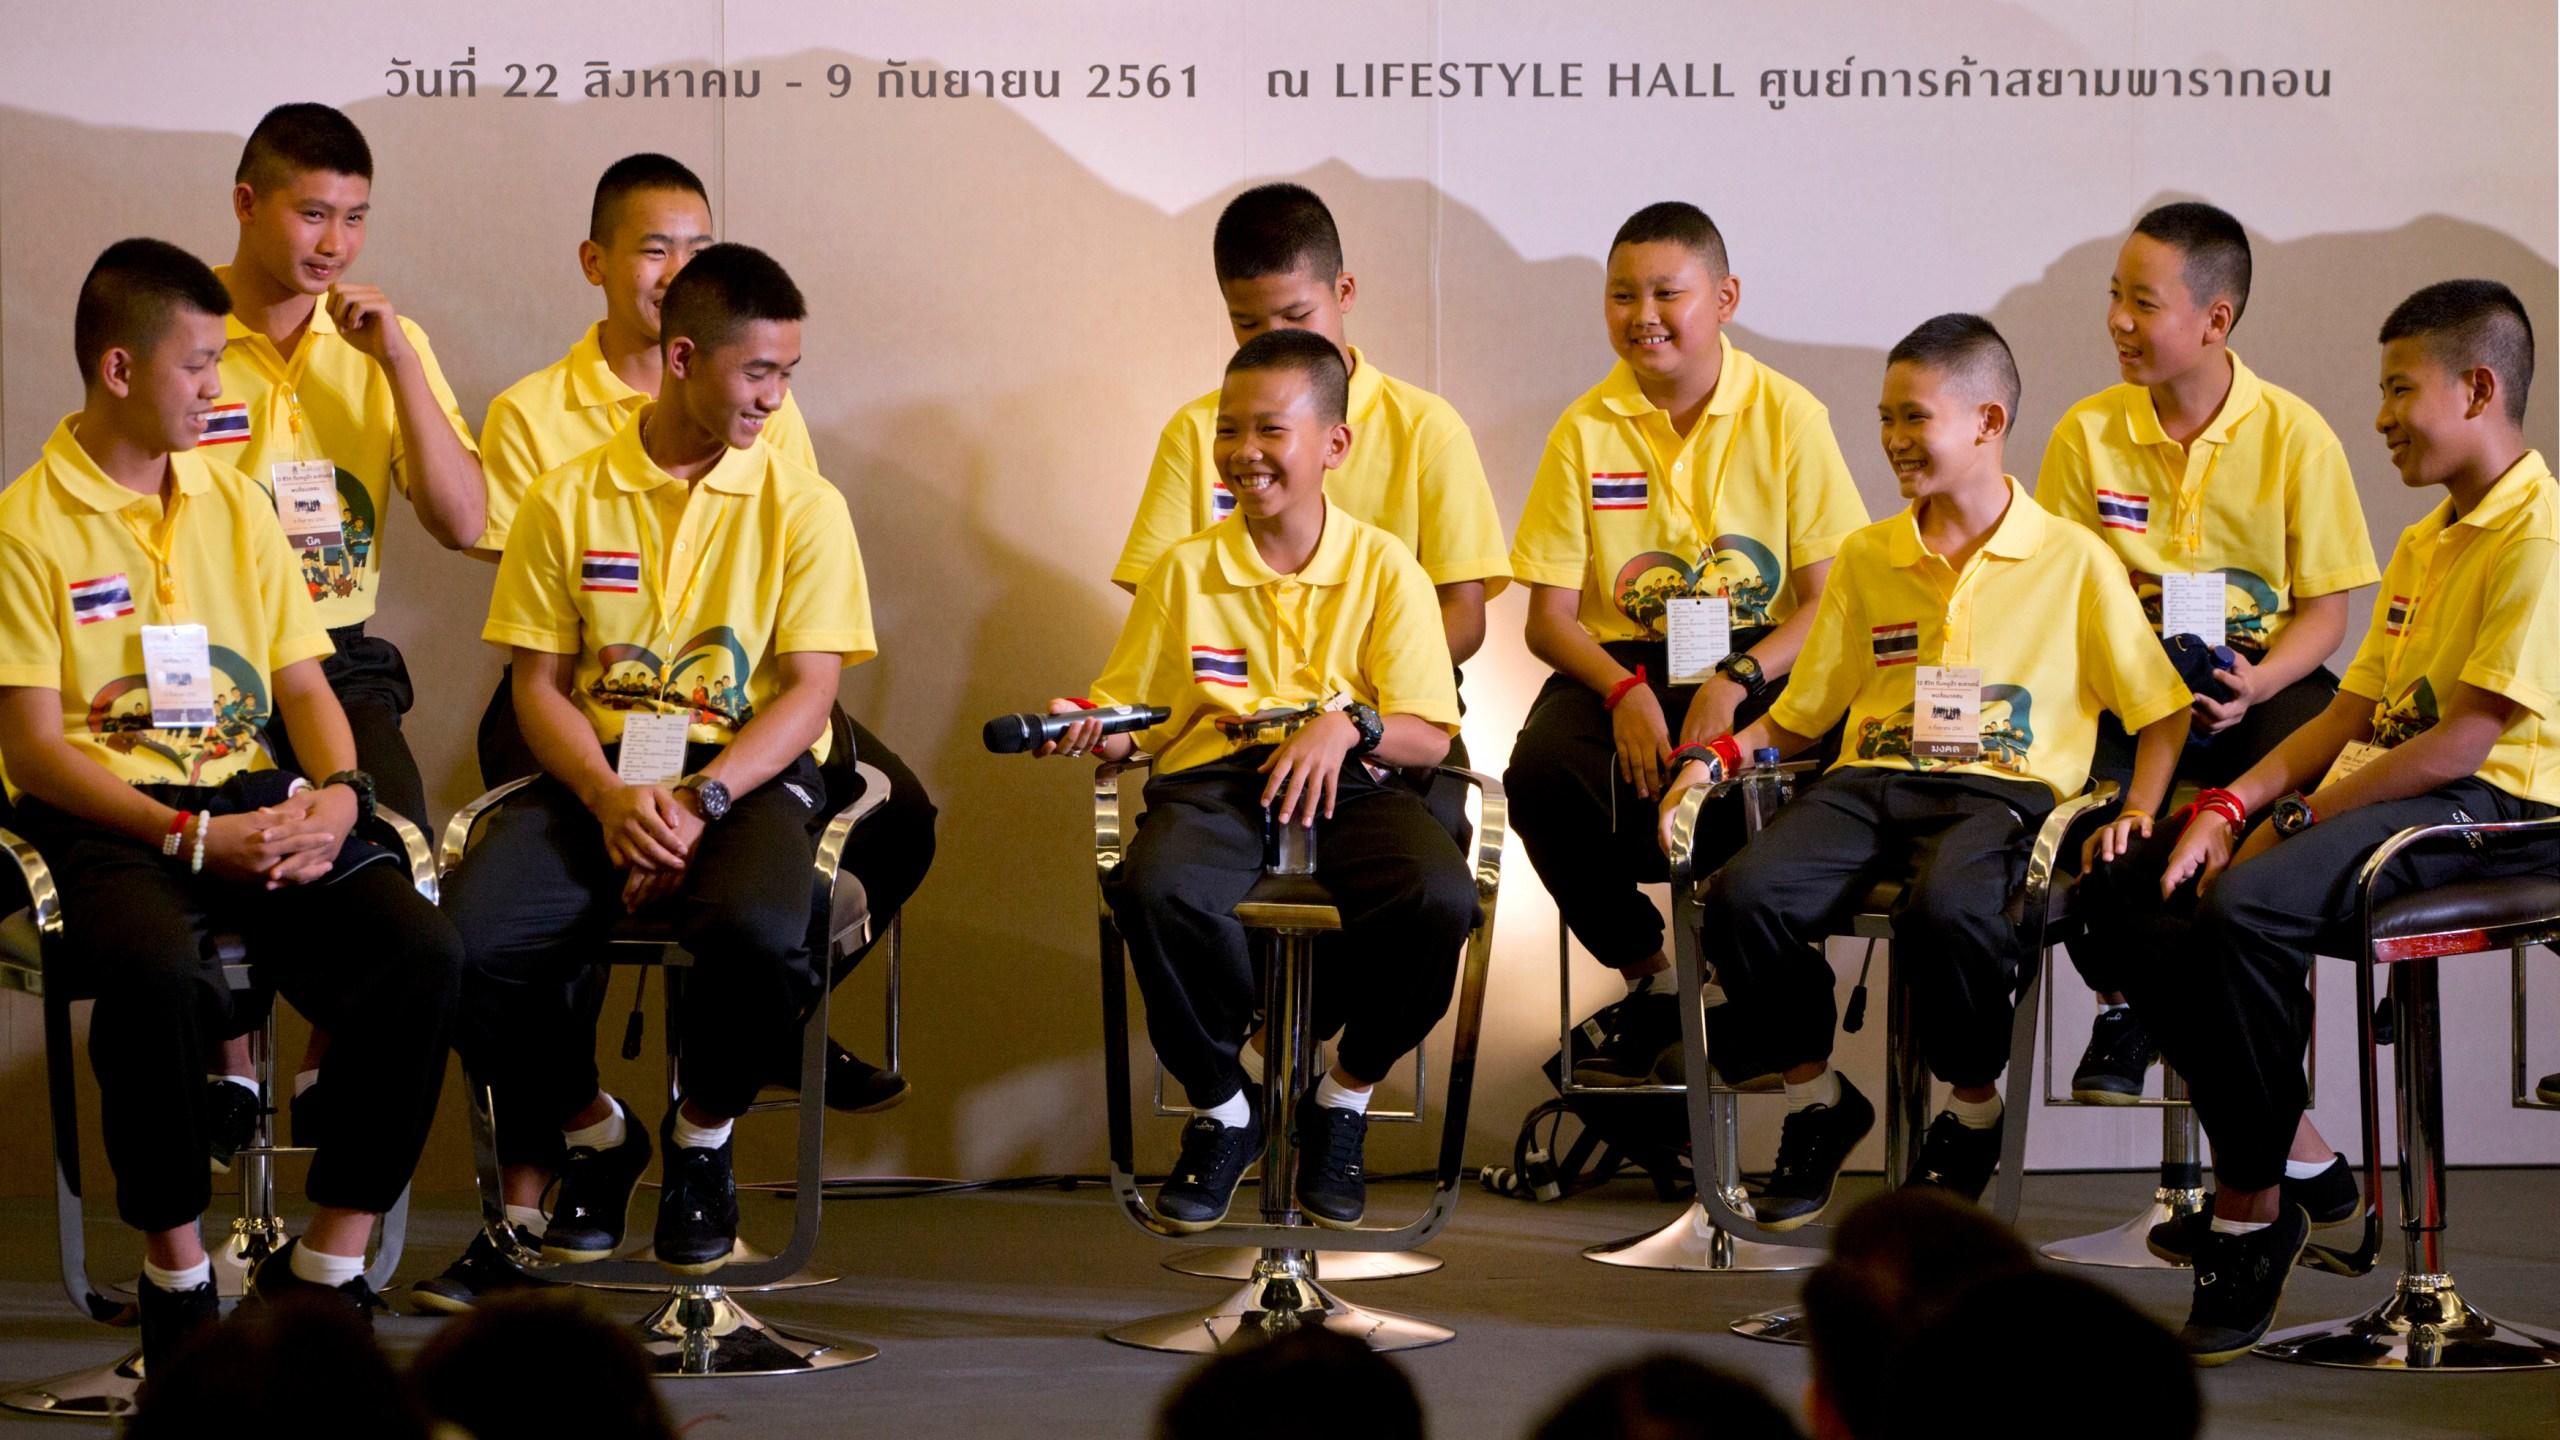 Thailand_Cave_Boys_09970-159532.jpg86946790